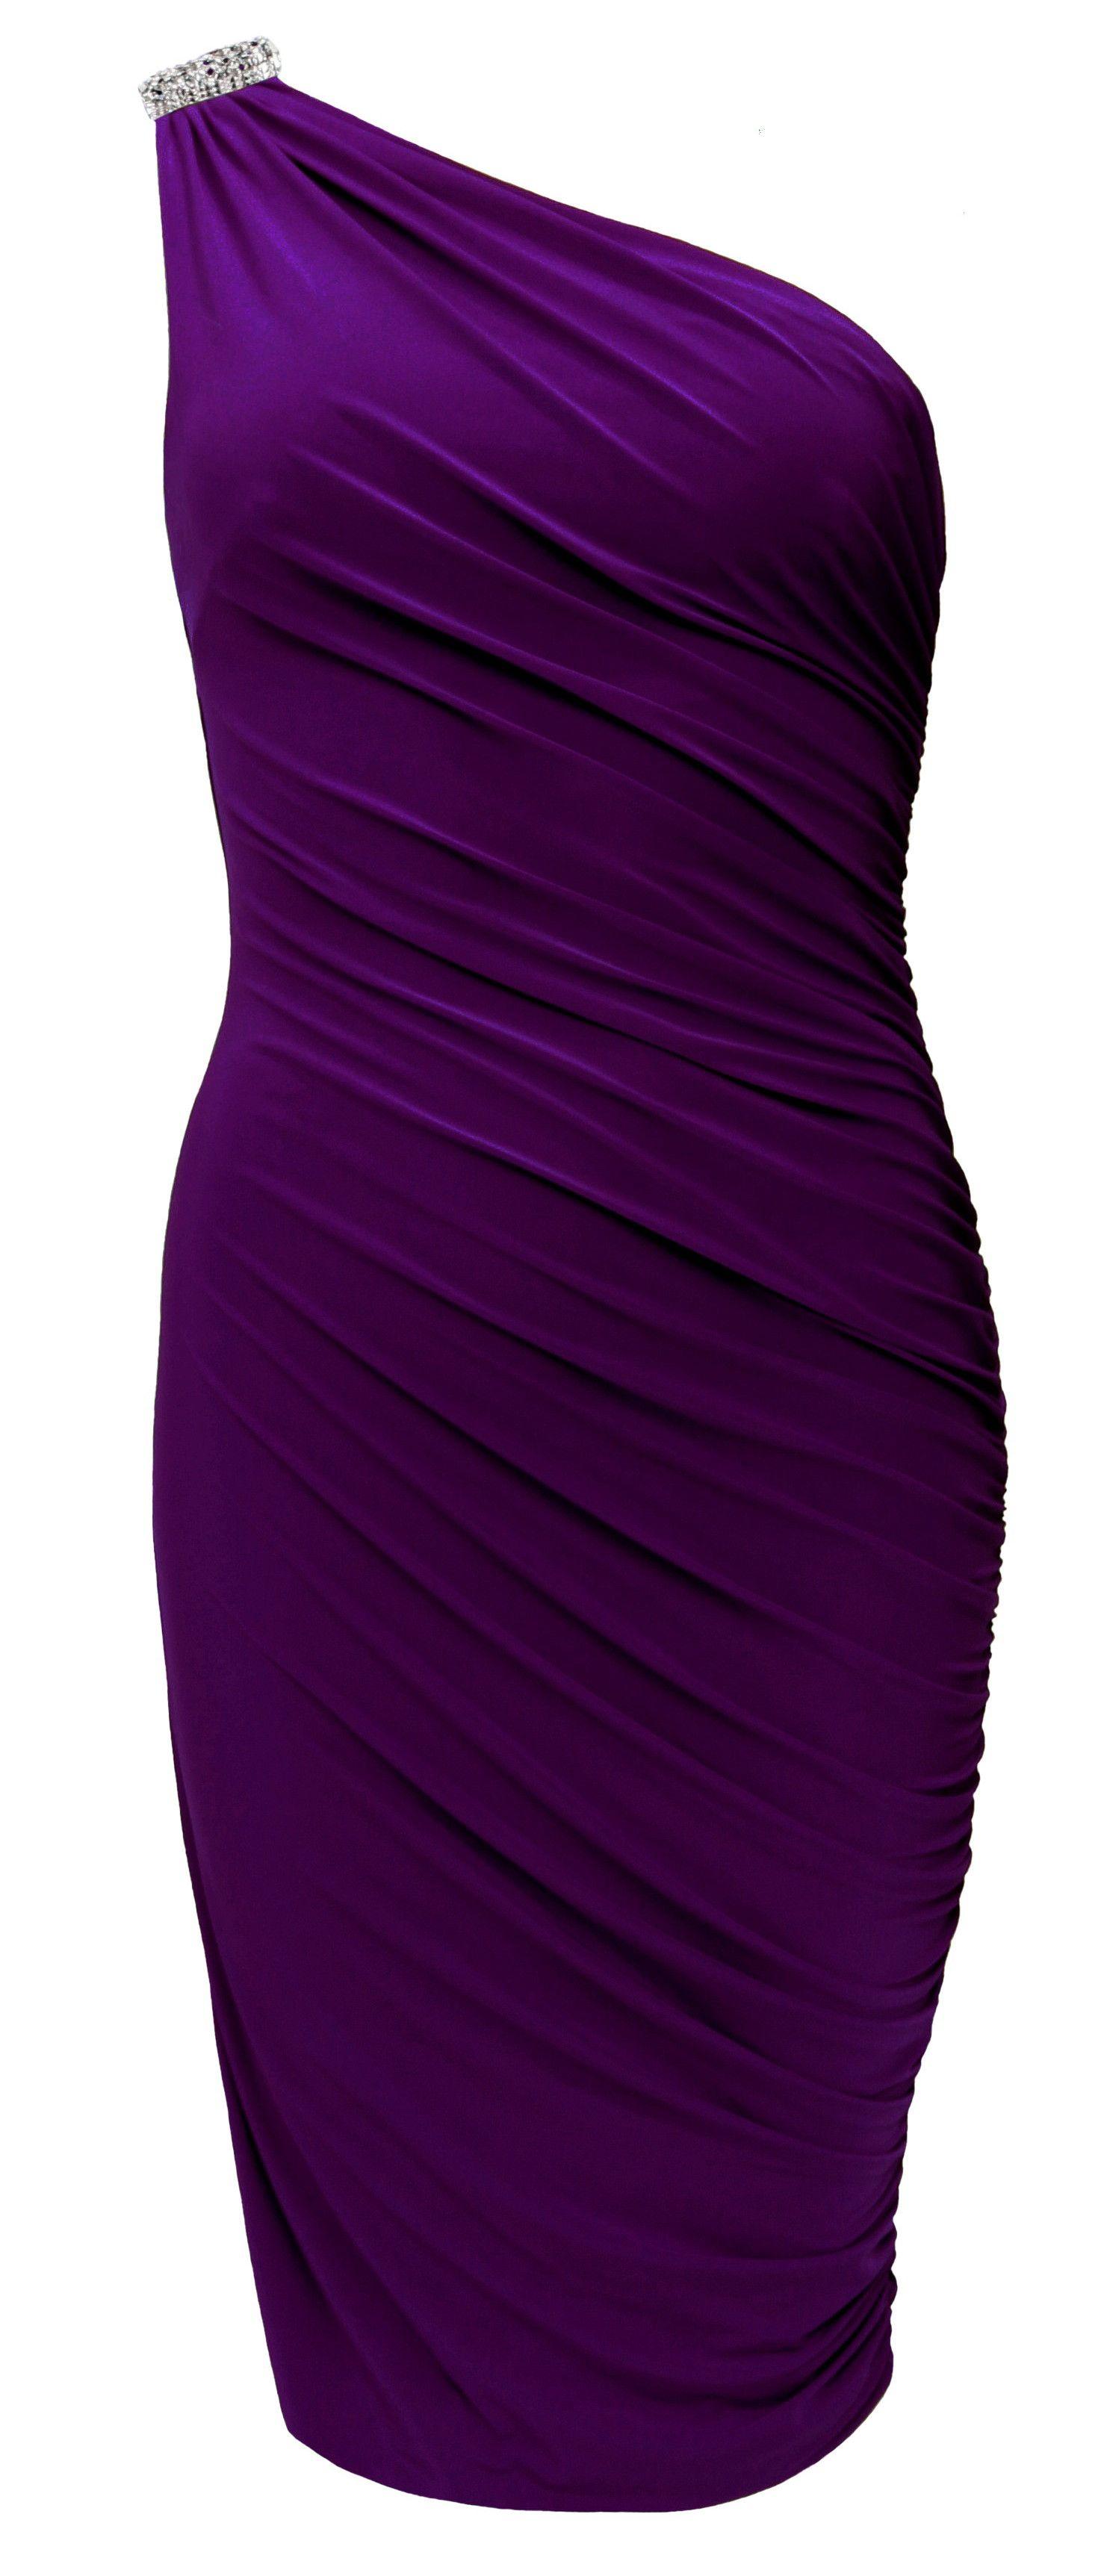 Purple one shoulder diamante dress womensfashion blacktie